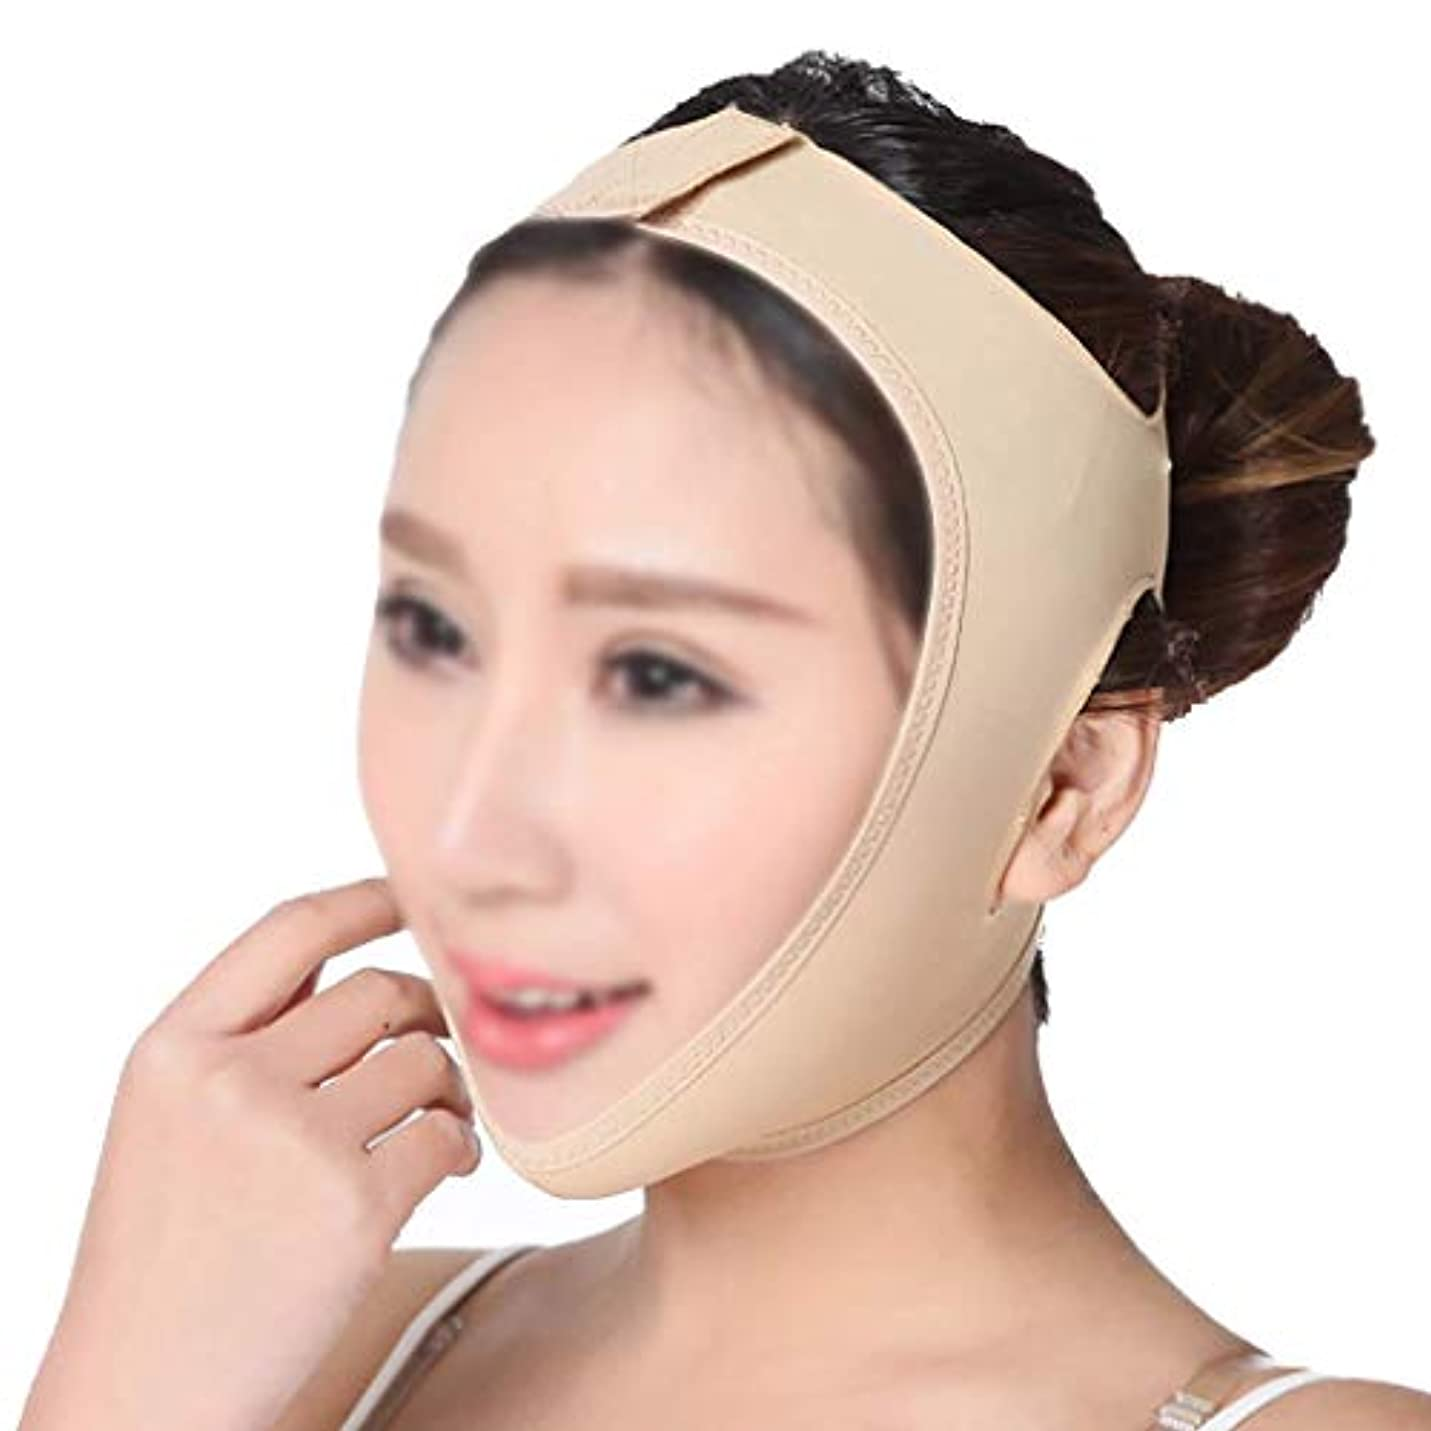 ビジターマウス適切なフェイスリフティングマスク、リフティングチン、フェイシャルスキン、頬垂れ防止、快適で 生地、詰まることを拒否、着用が簡単(サイズ:M),S